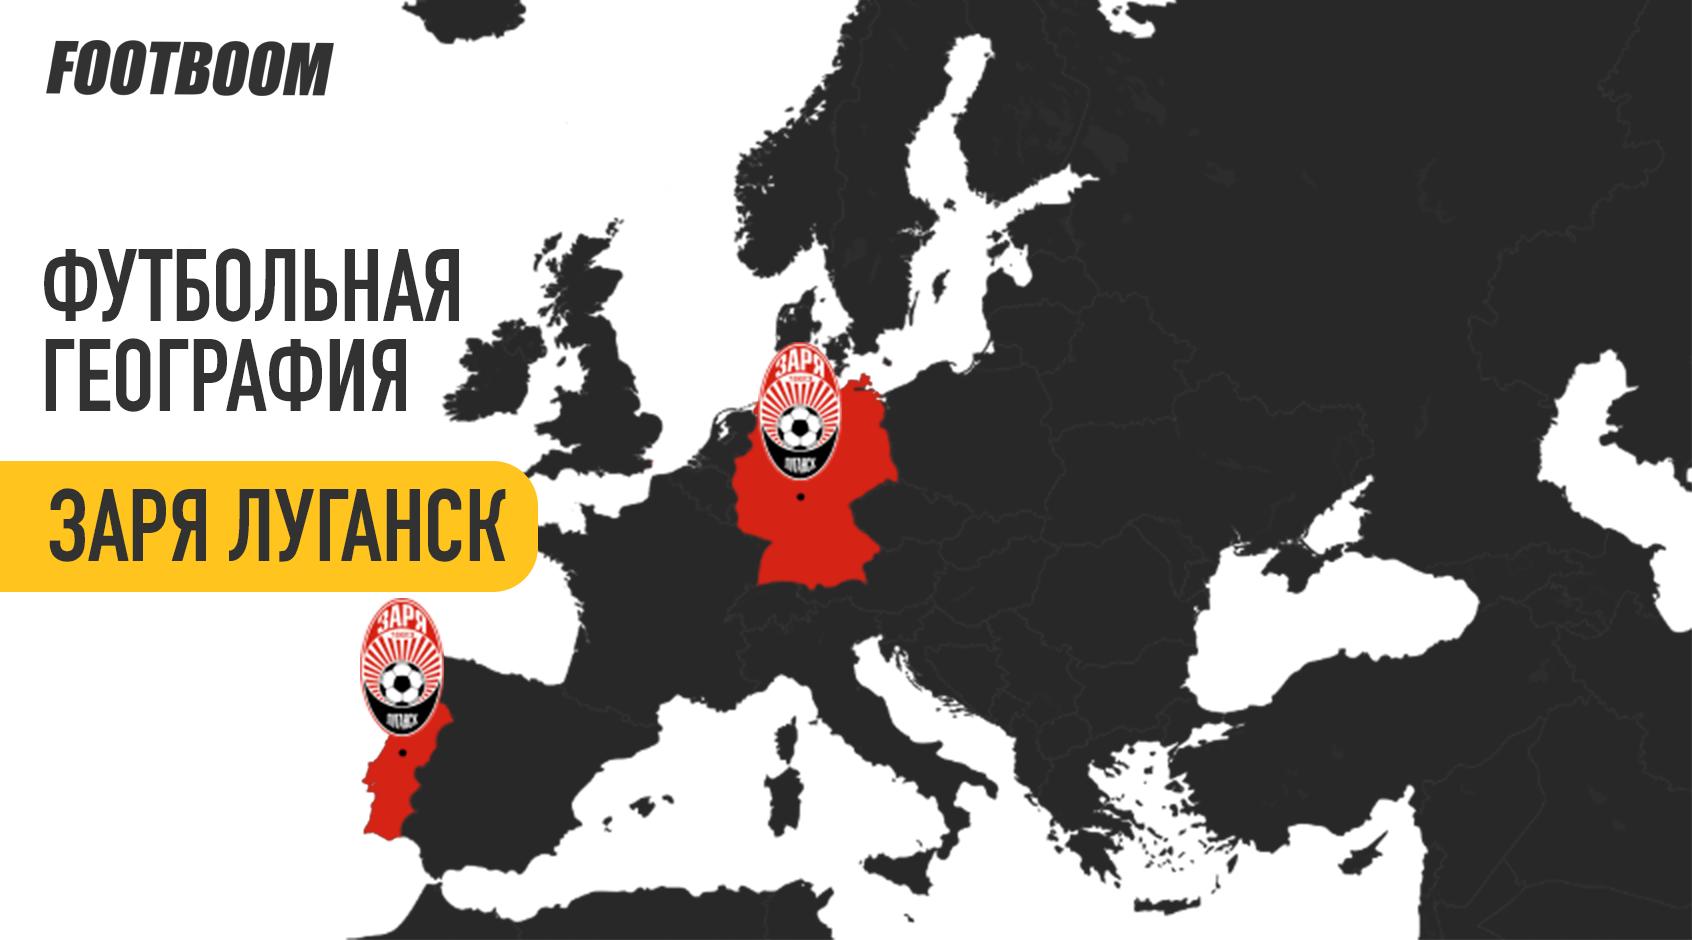 Футбольная география: какое расстояние в 2018 году преодолели украинские клубы? - изображение 3